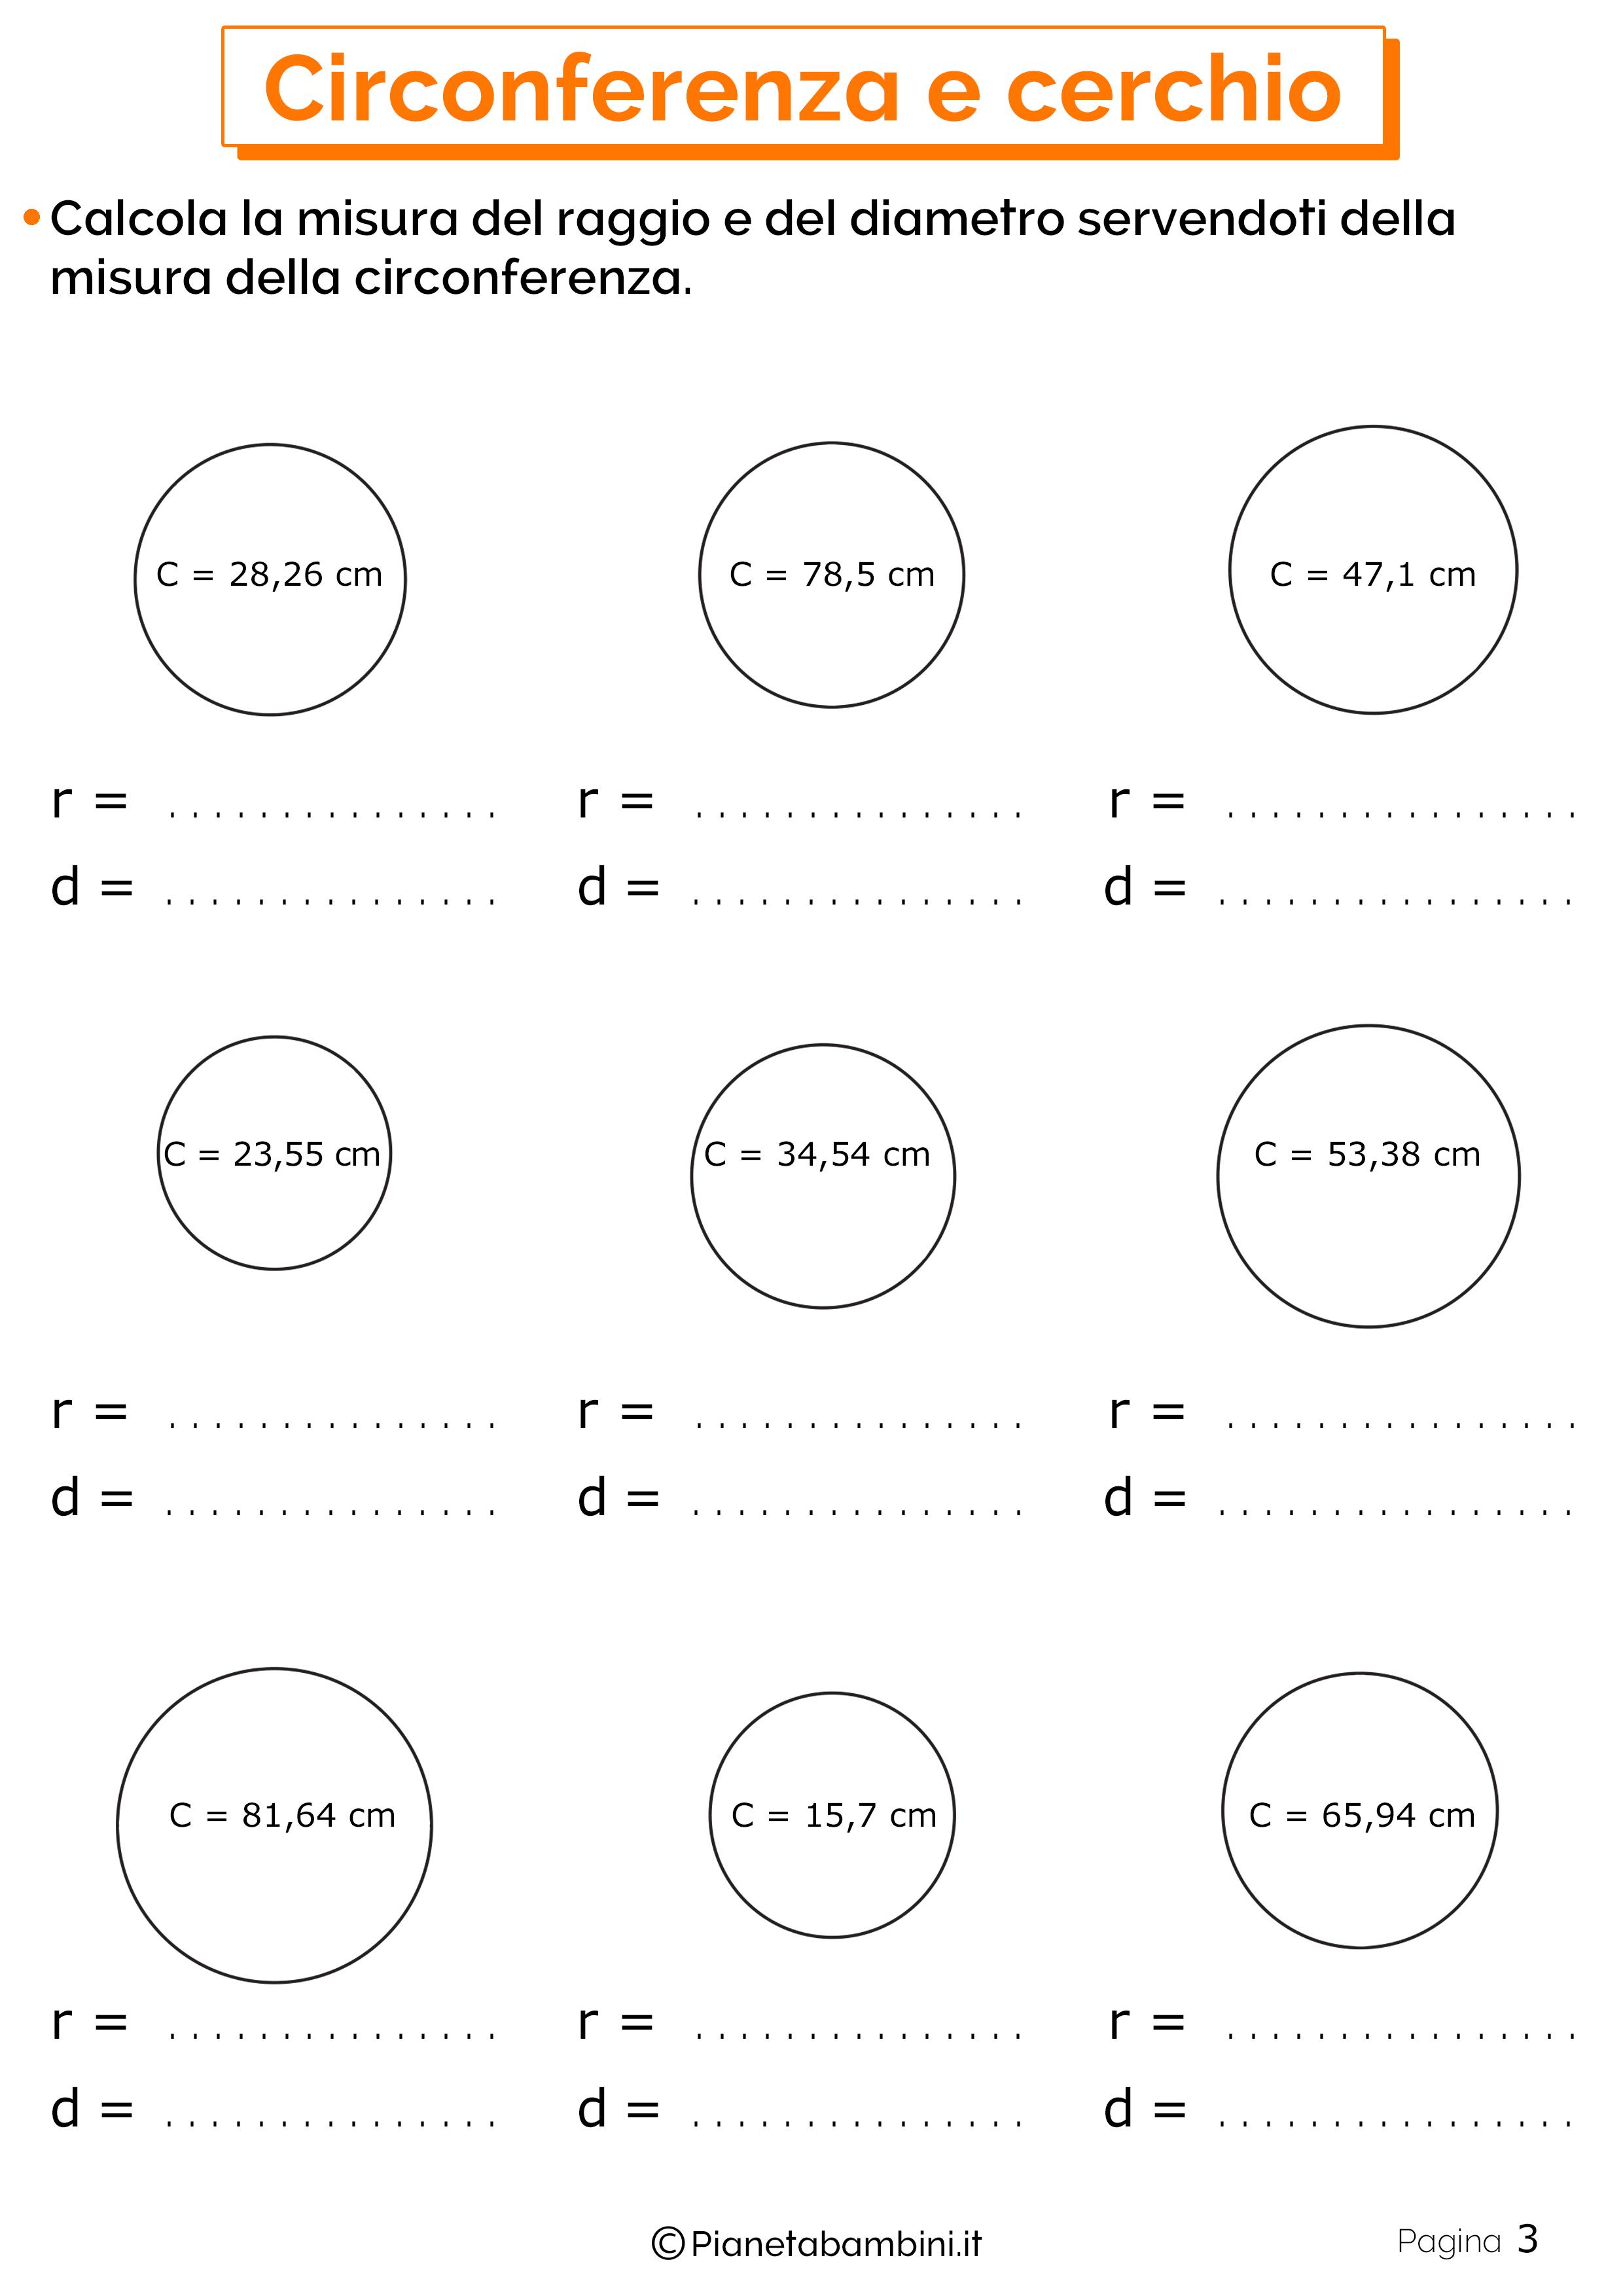 Schede didattiche su circonferenza e cerchio 3